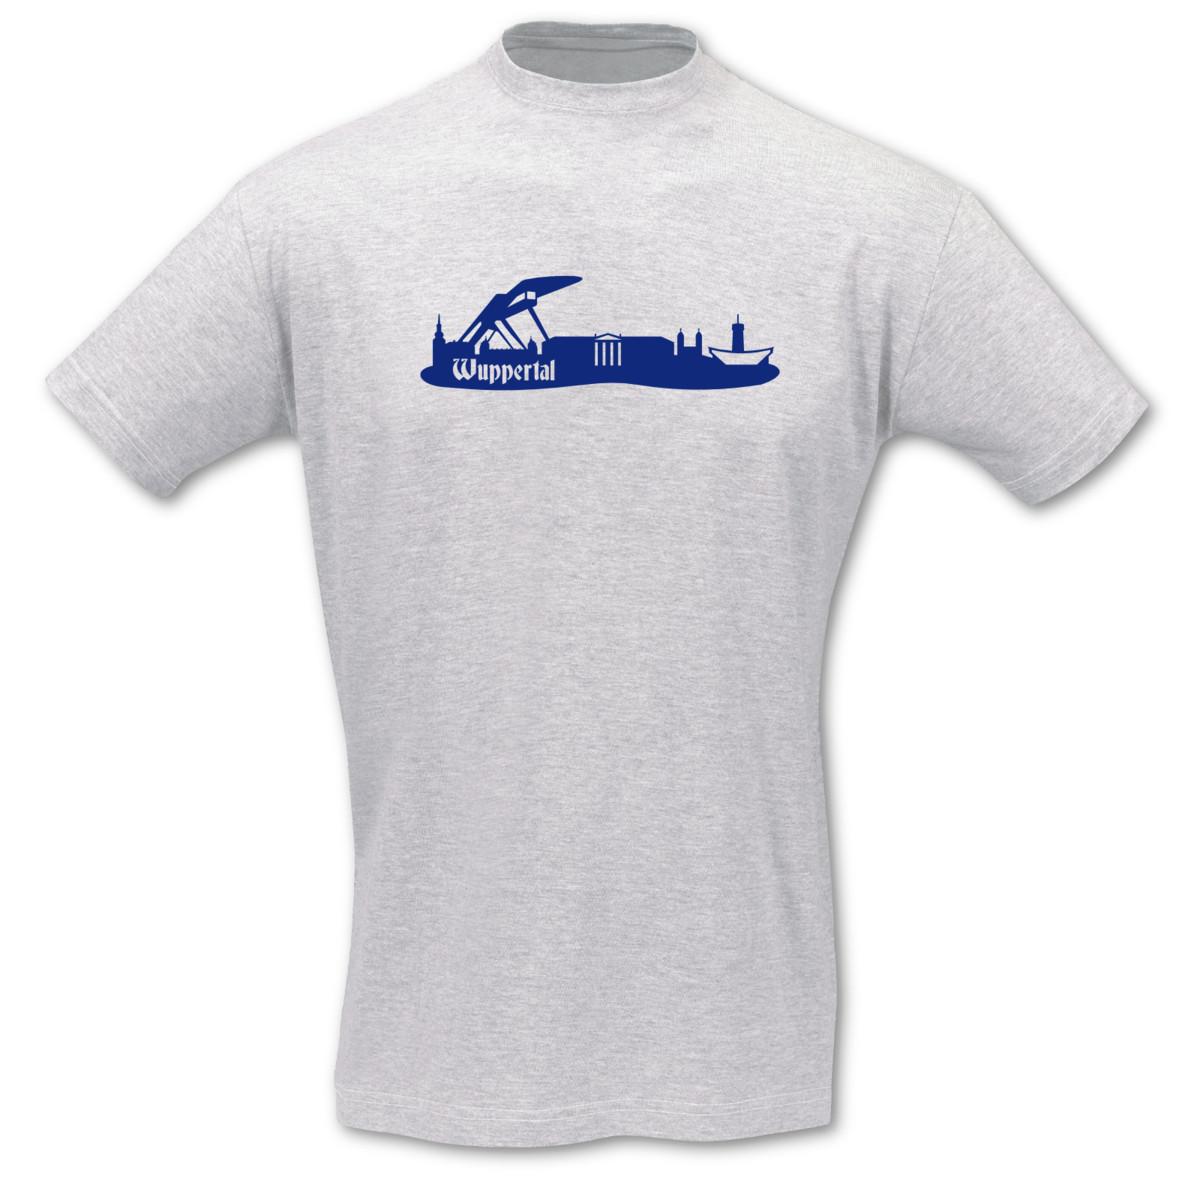 T-Shirt-Wuppertal-Skyline-8-Farben-S-5XL